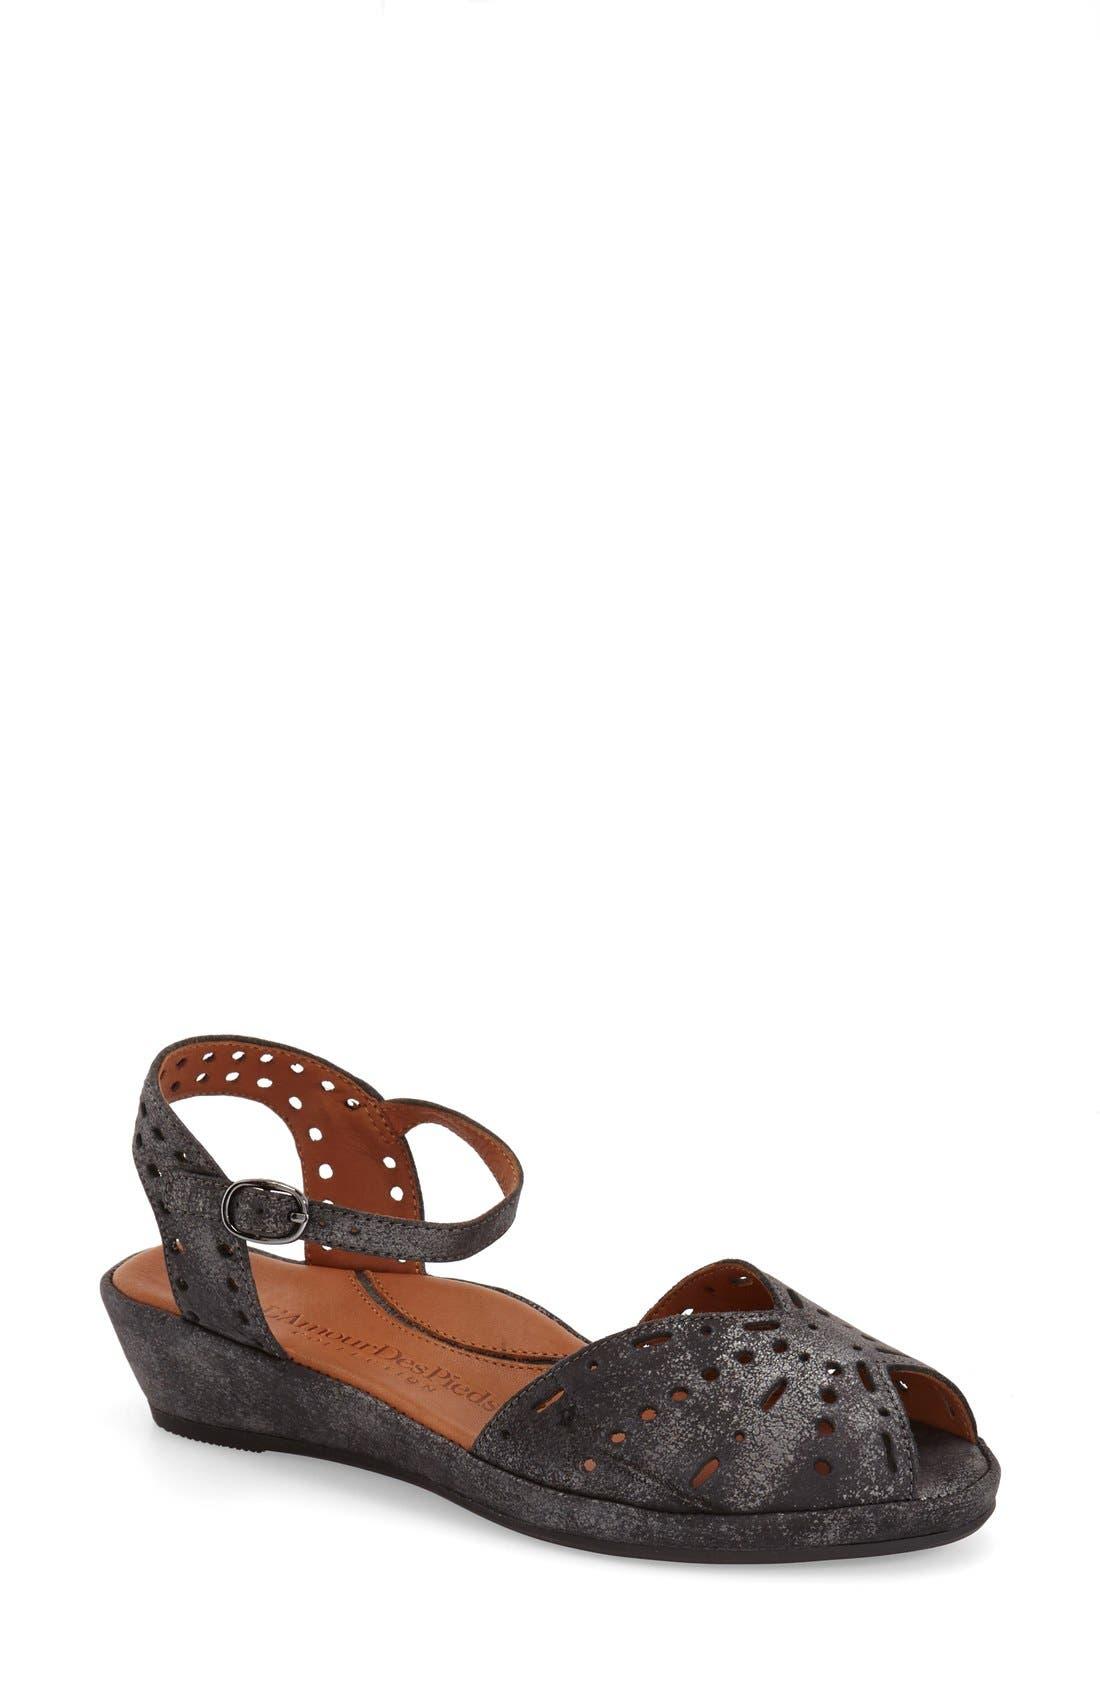 L'Amour des Pieds 'Brenn' Ankle Strap Sandal (Women)